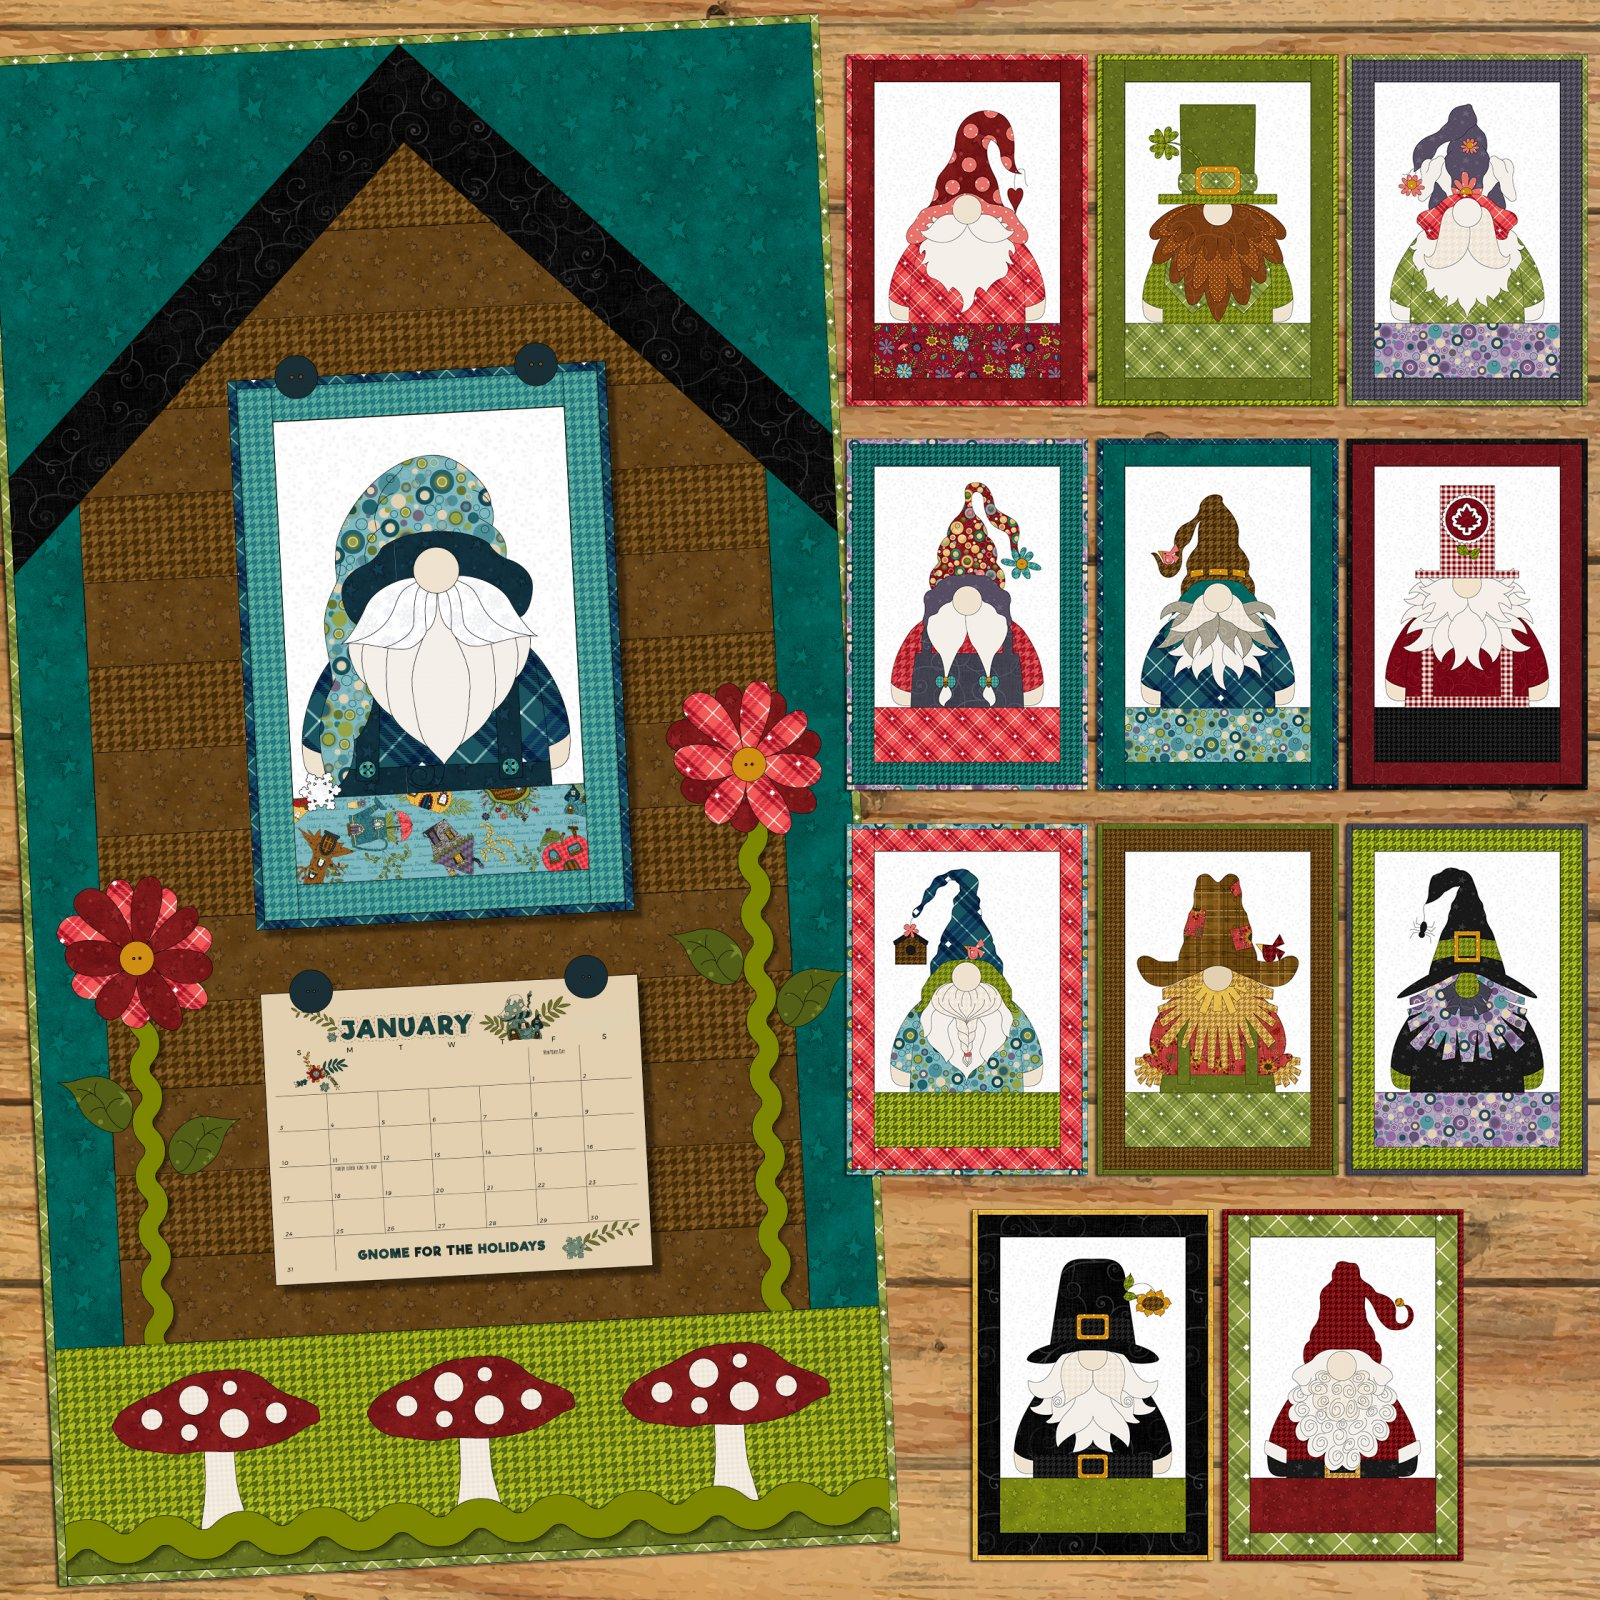 Canada Gnome for the Holidays Calendar Applique Quilt Precut Pack